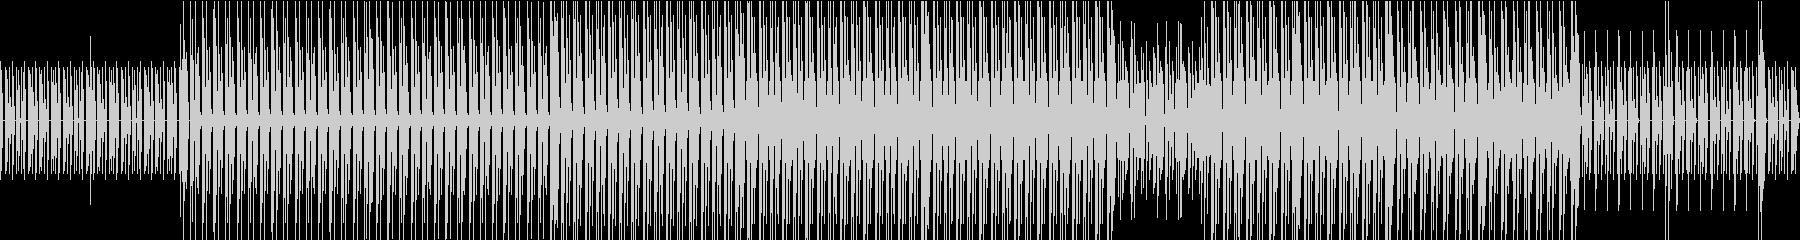 電子。アーバン、タフ、ロボティクス...の未再生の波形